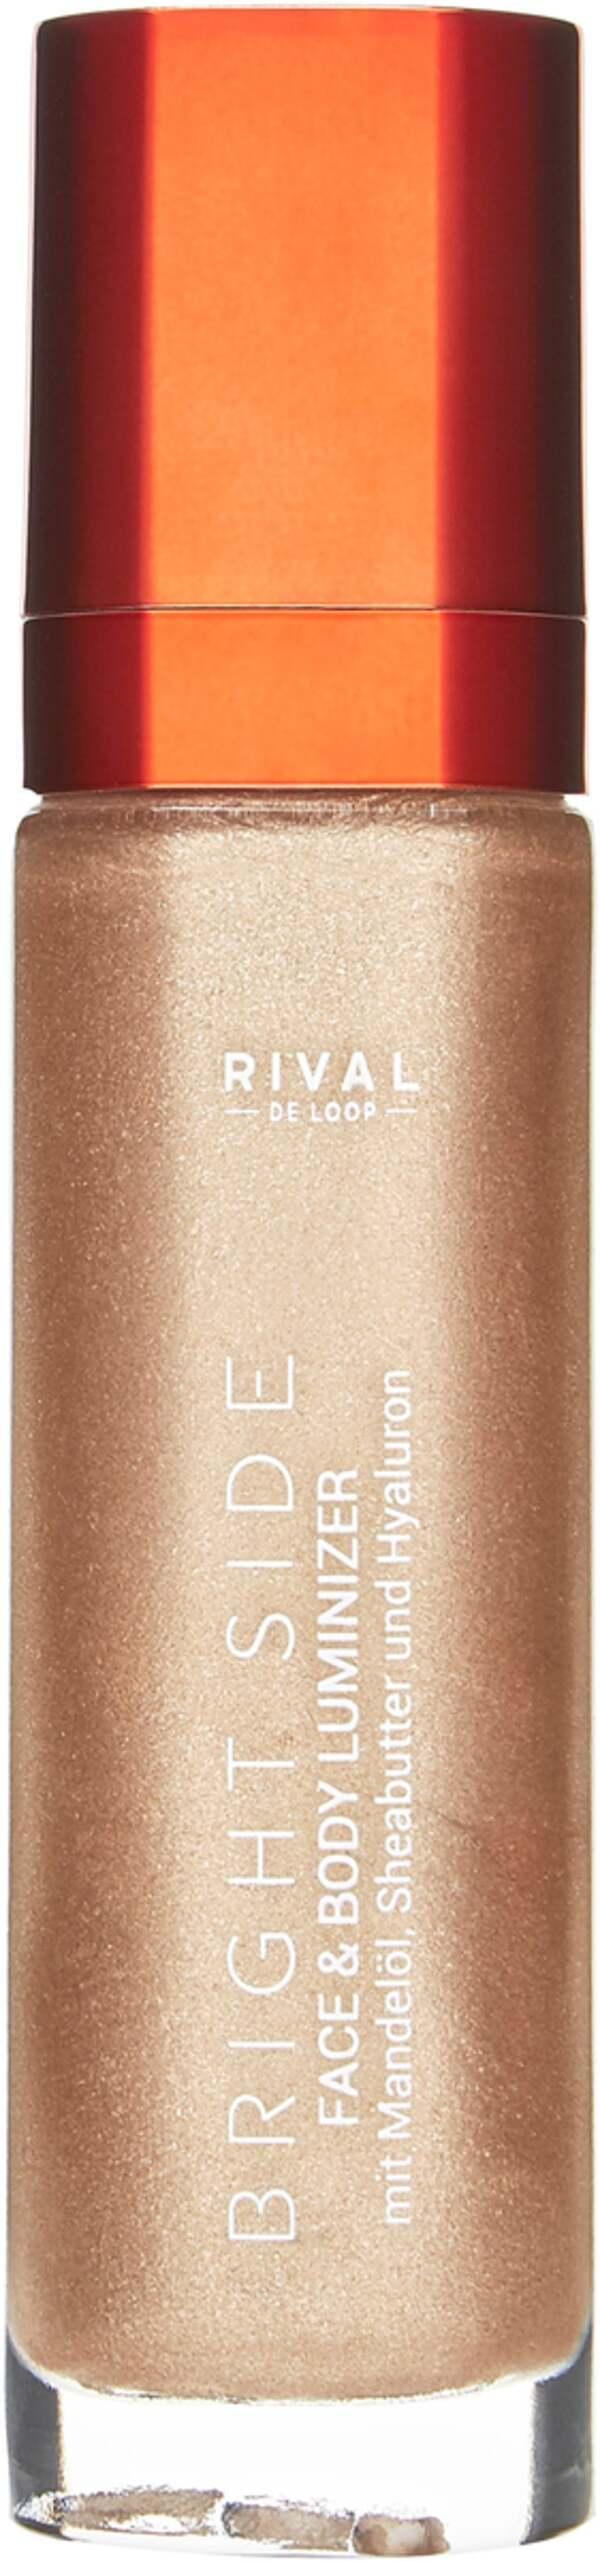 RIVAL DE LOOP Bright Side Face & Body Luminizer